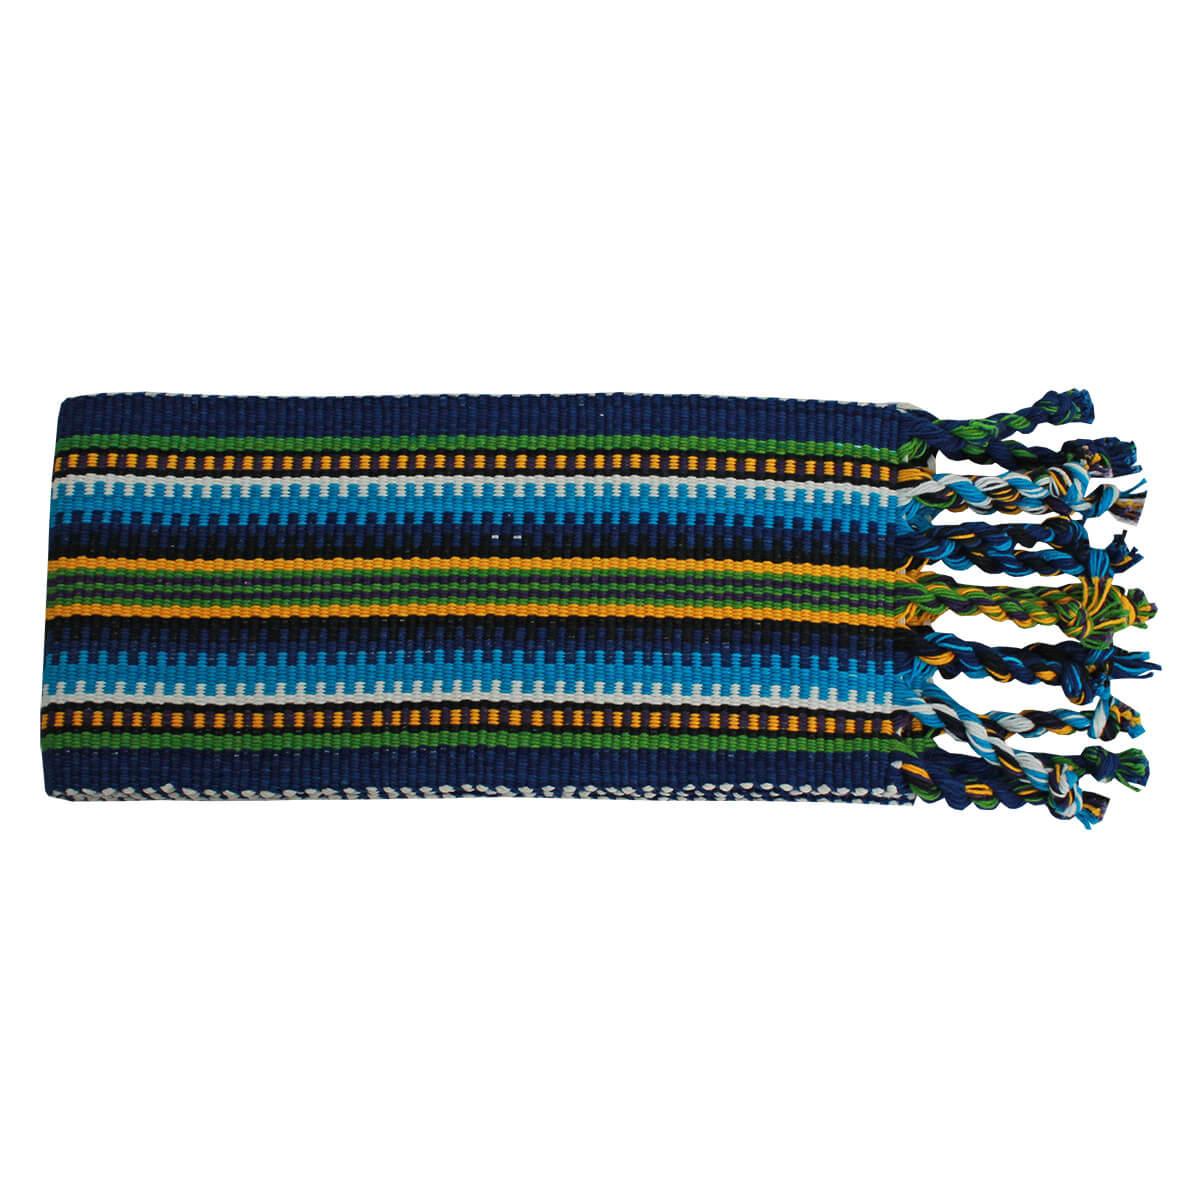 Faixa Paraguaia Boiadeira Verde Com Azul